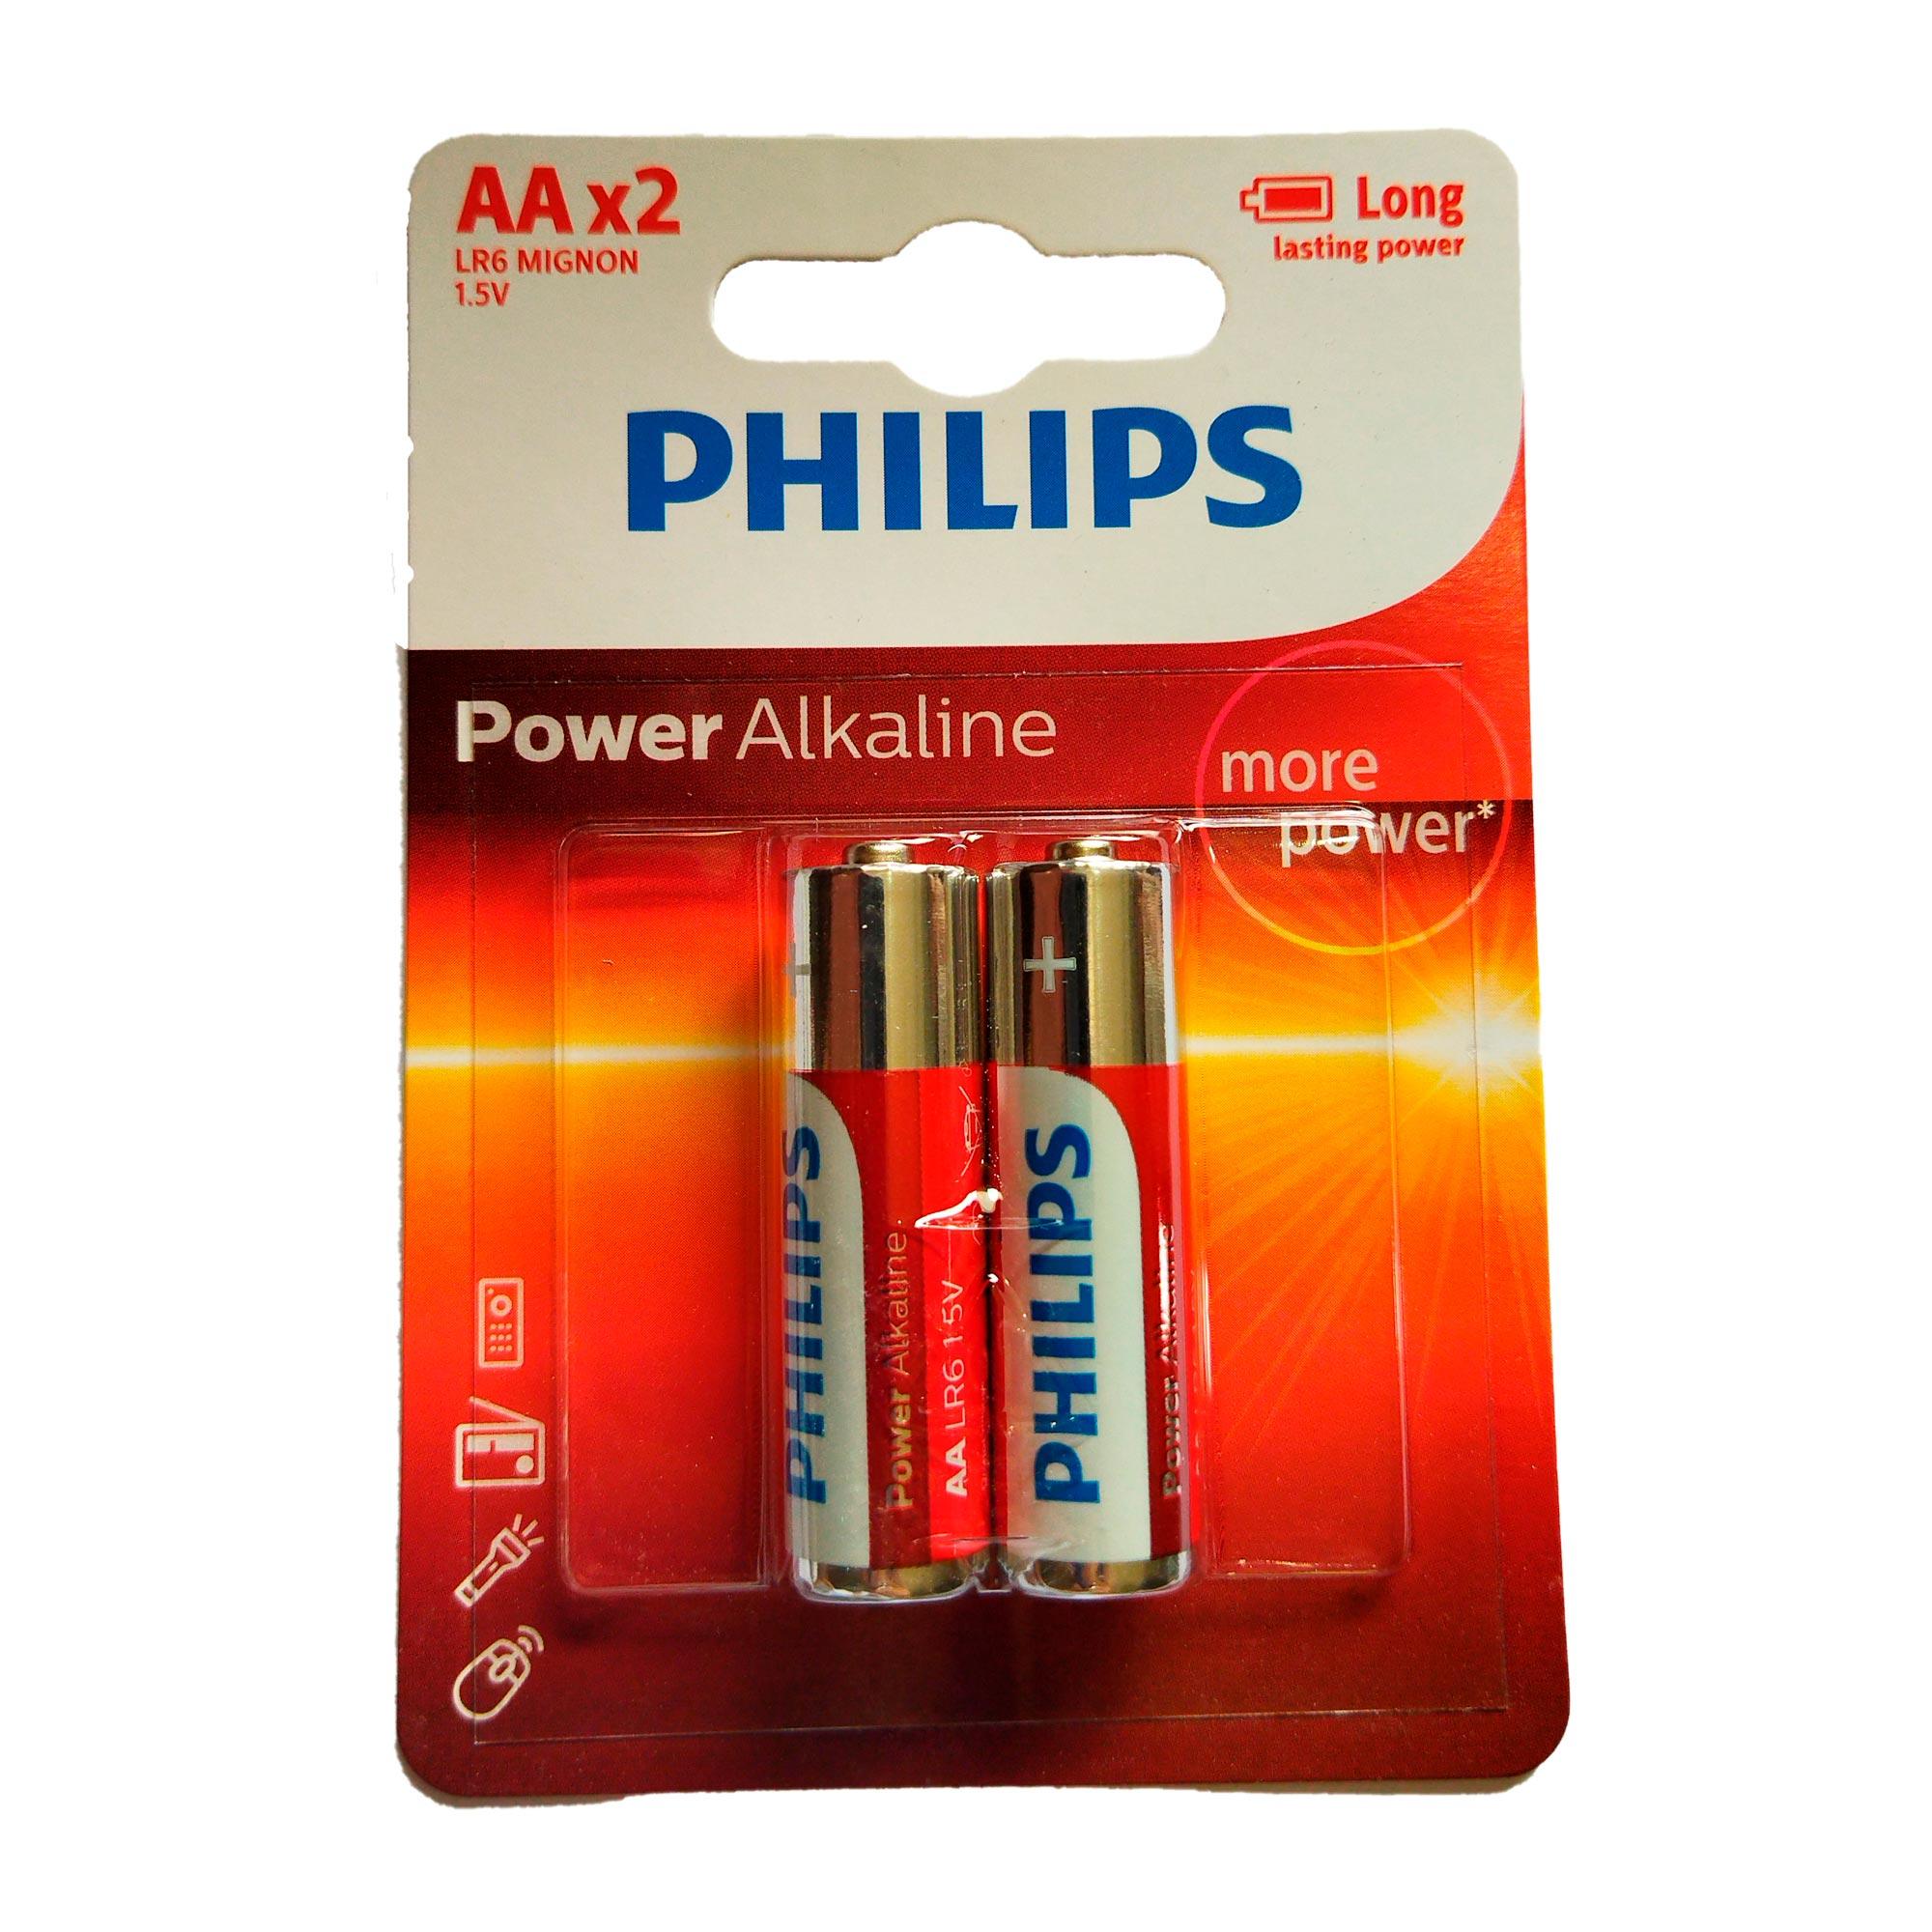 24 Pilhas Alcalinas AA Pequena Philips 1,5v LR6P2B/97